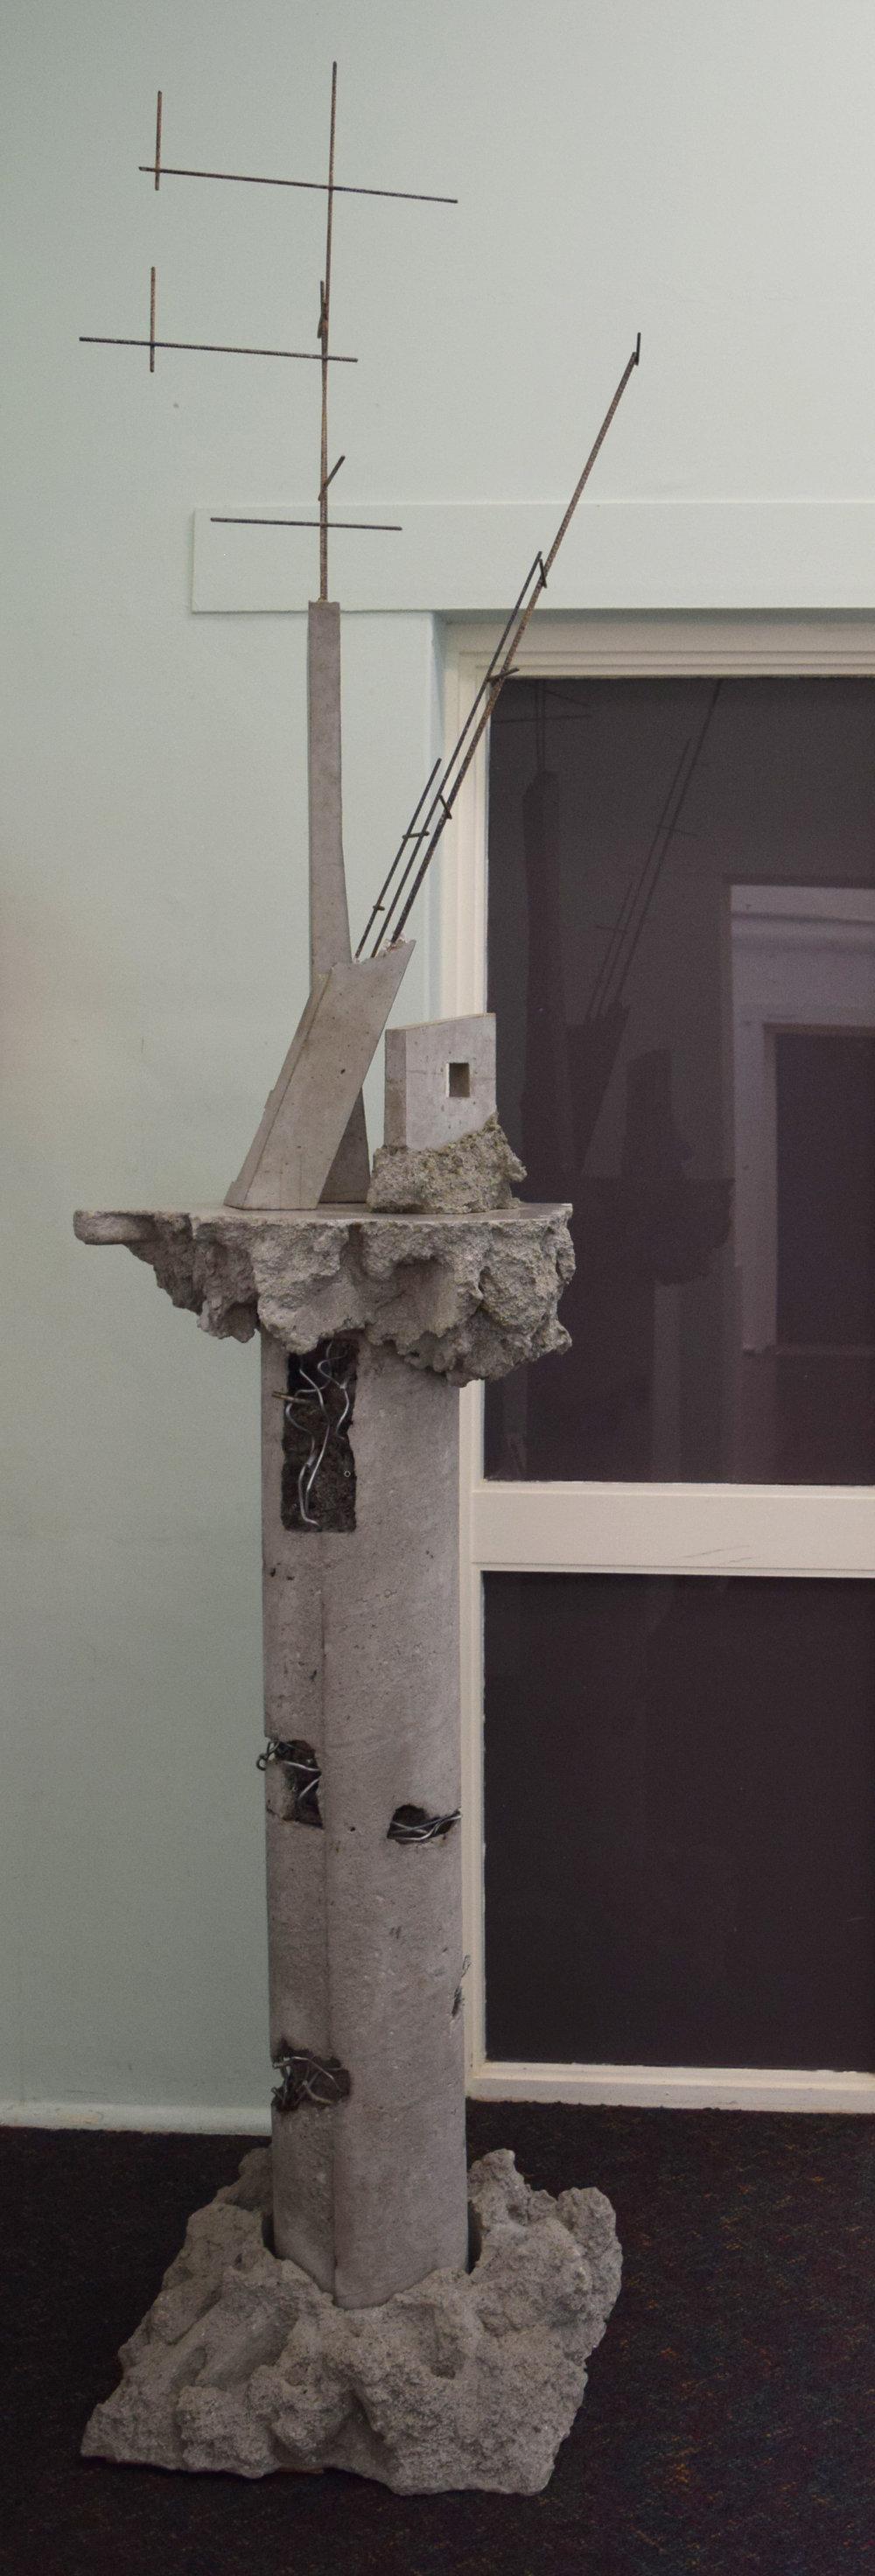 23. Adam Ismail and William Leggett,  Core,  2018, concrete, steel and Aluminium, 50 x 50 x 240 cm $4,000